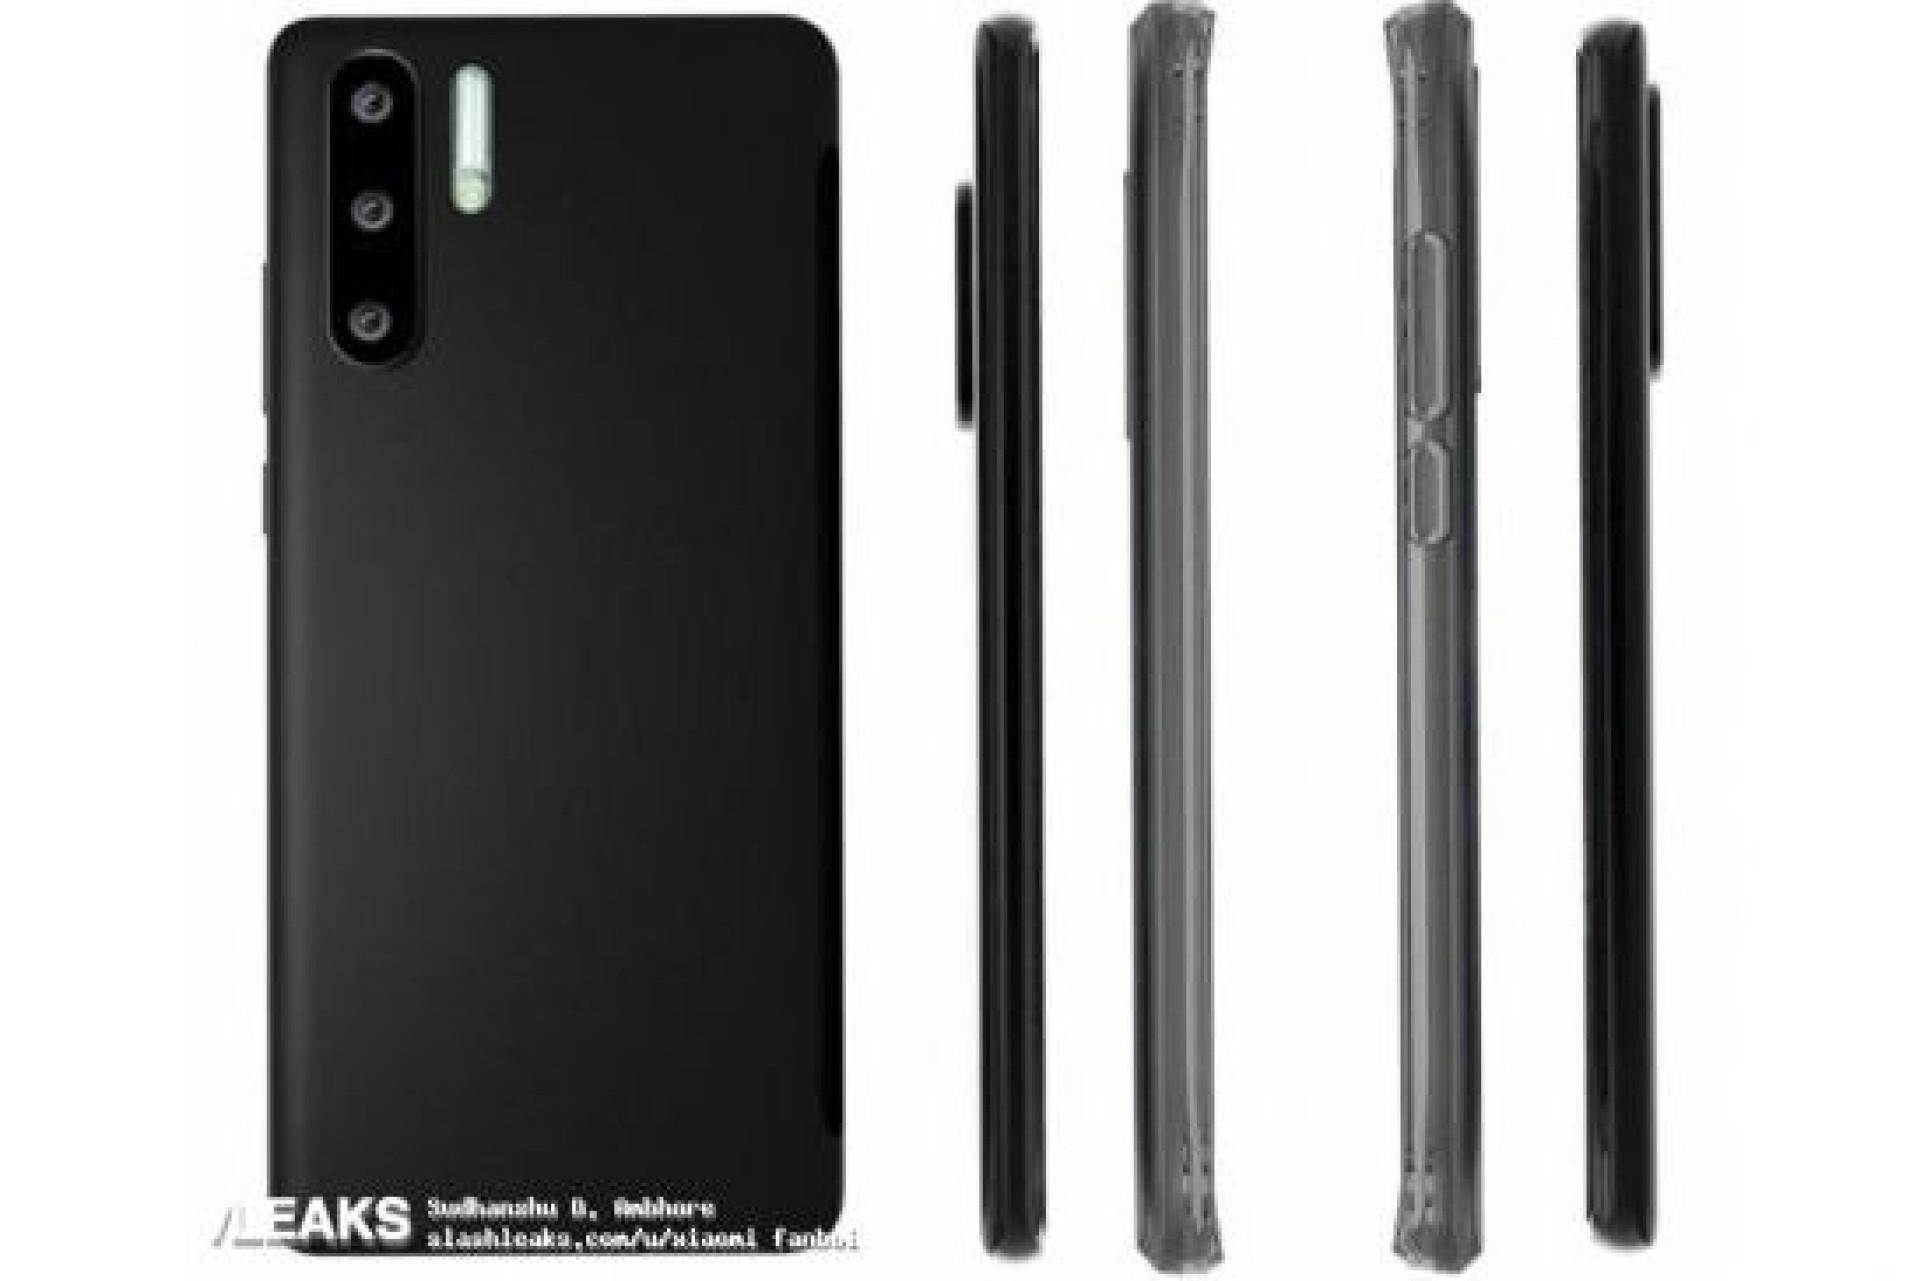 Novas imagens podem ter revelado o próximo topo de gama da Huawei